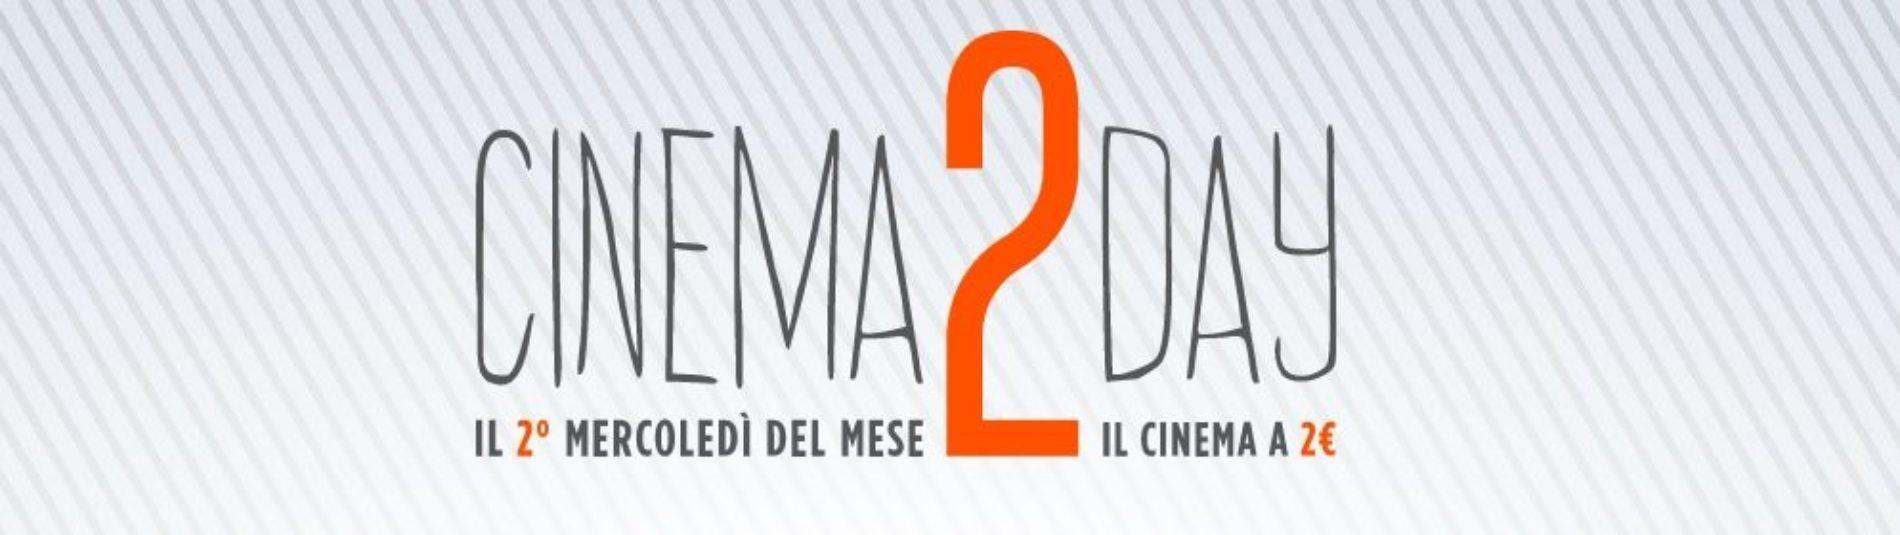 NapoliMovieTour e Cinema2Day: due iniziative per il cinema, anche a Napoli